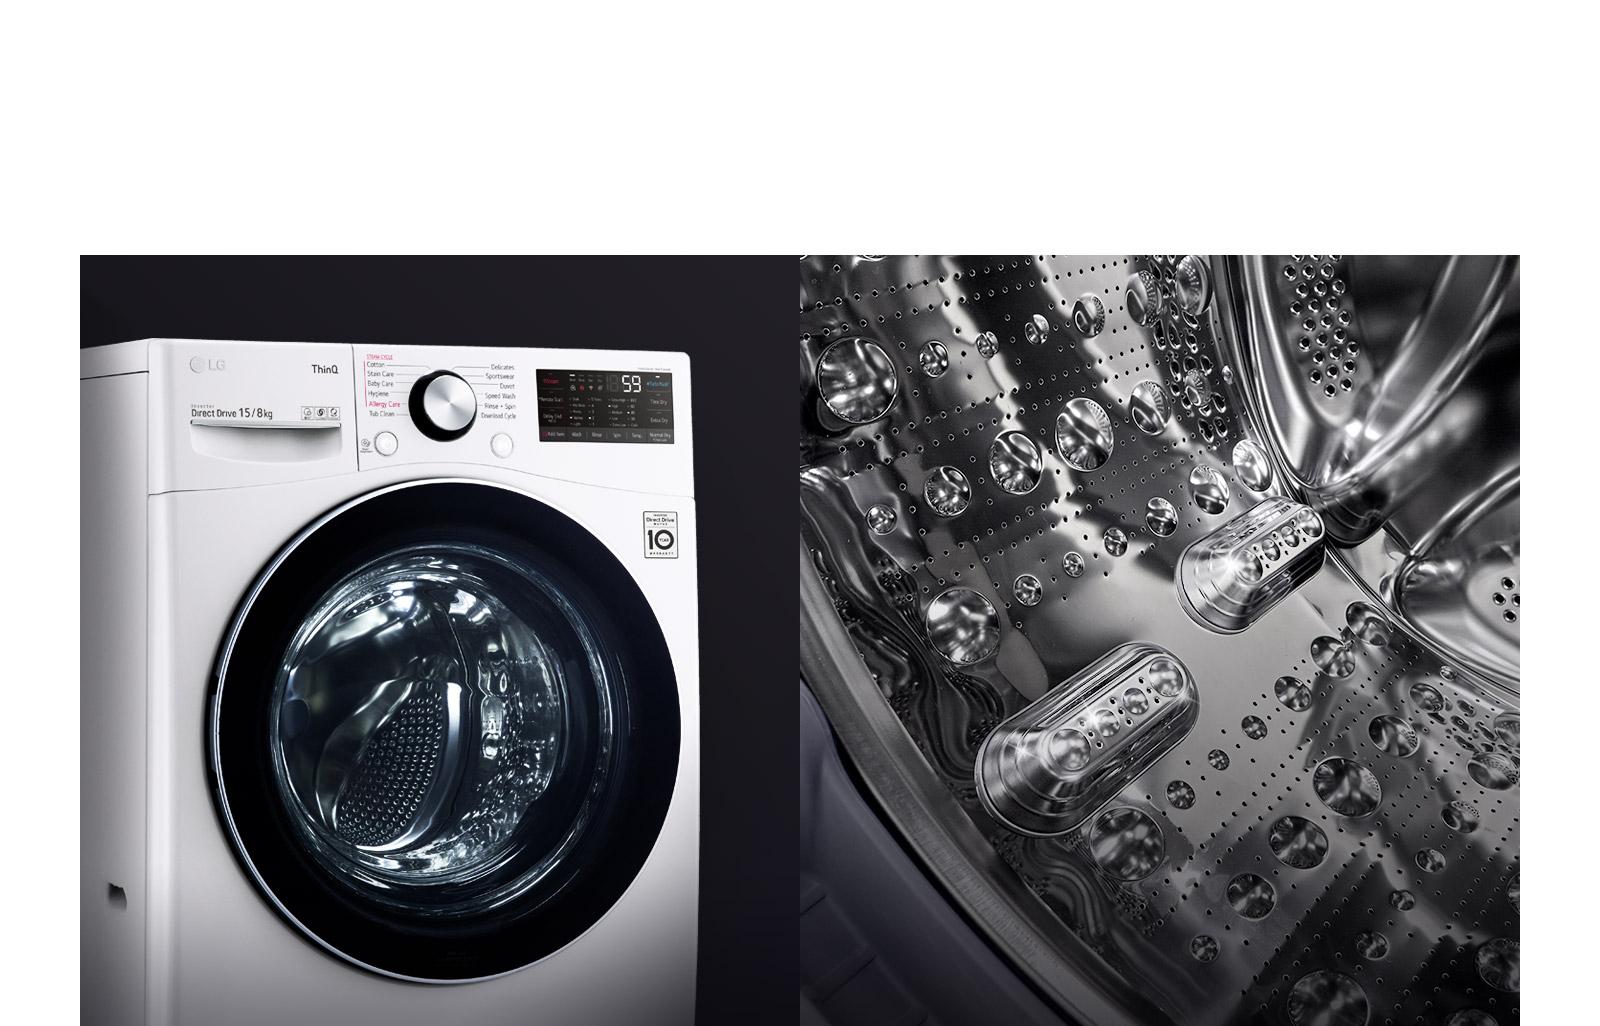 Hình ảnh hiển cho thấy mặt trước của máy giặt cửa trước, tập trung vào cửa kính cường lực. Hình ảnh thứ hai hiên thị bên trong lồng giặt, tập trung vào thiết kế thép không gỉ.